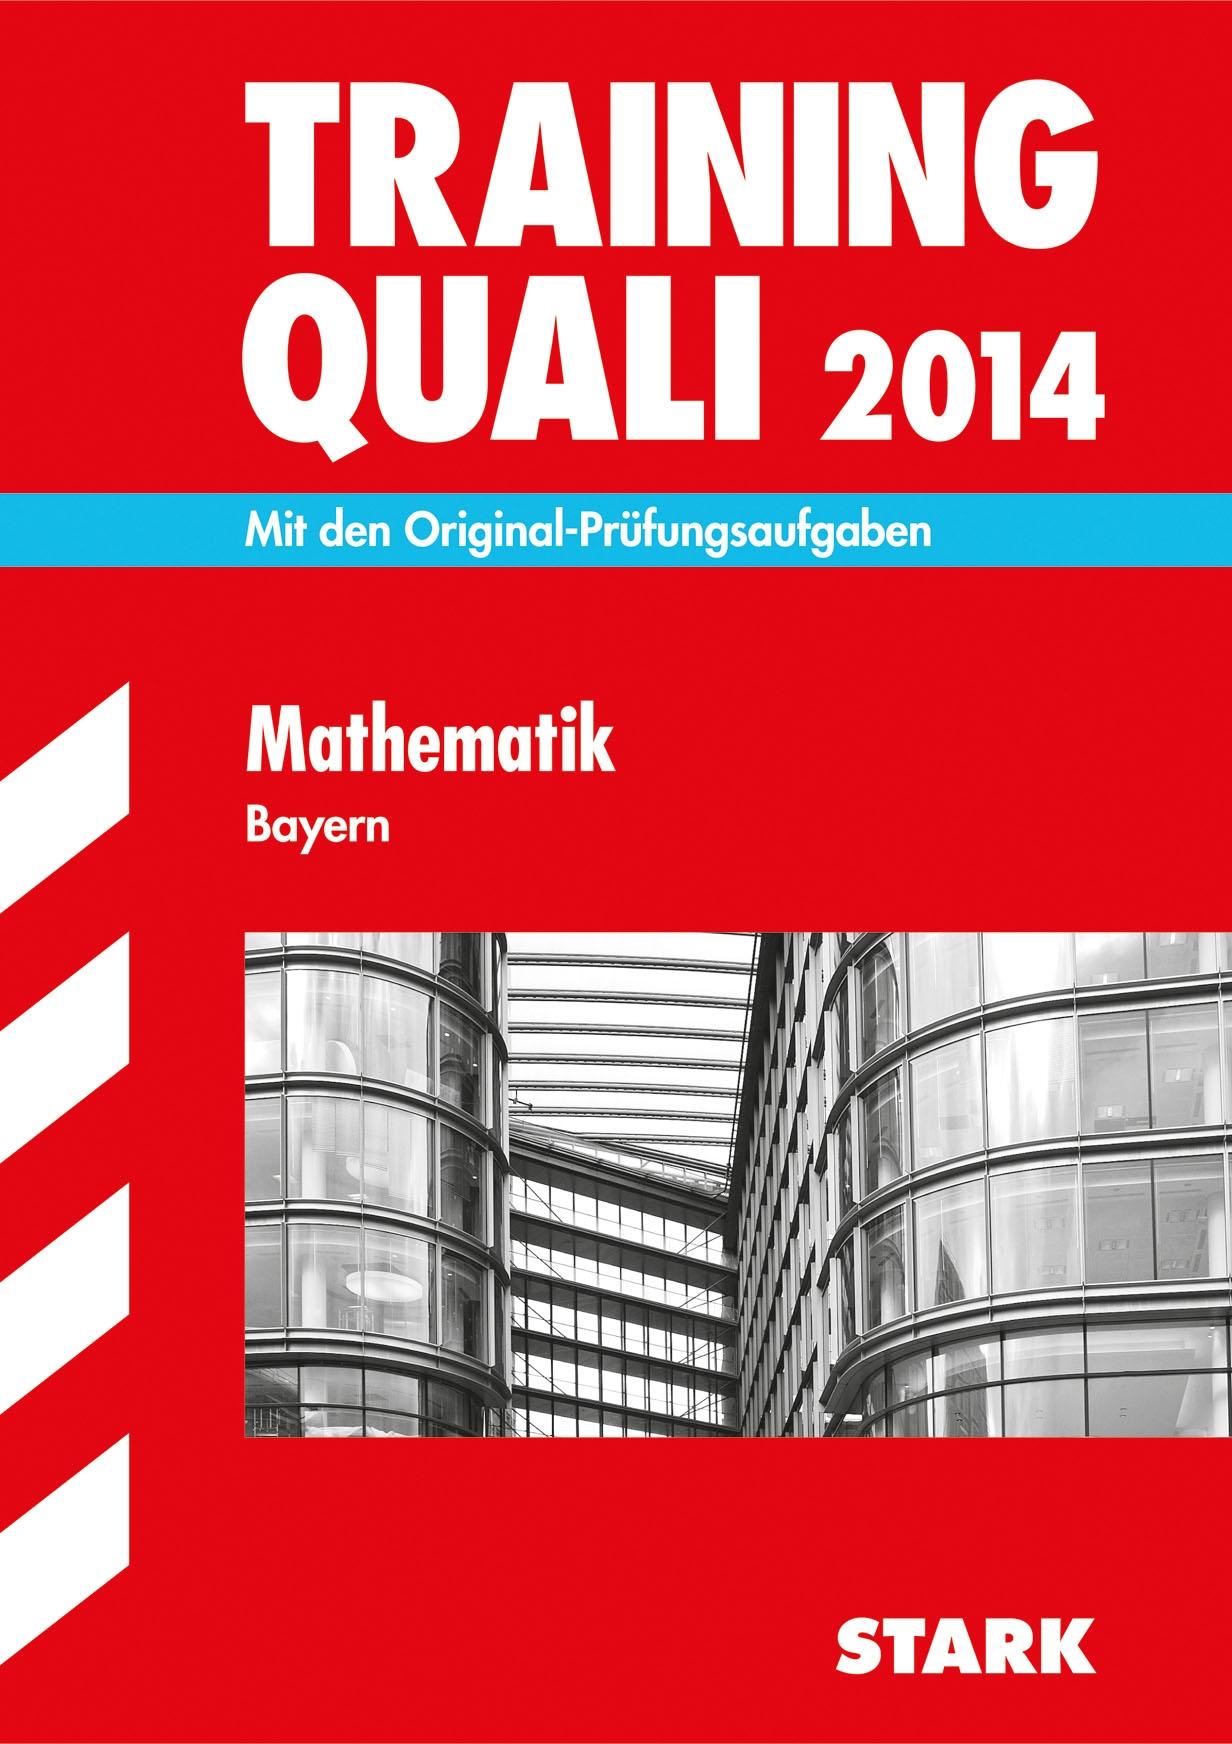 Abschluss-Prüfungsaufgaben Hauptschule/Mittelschule Bayern / Training Quali Mathematik 2014: Mit den Original-Prüfungsaufgaben ohne Lösungen